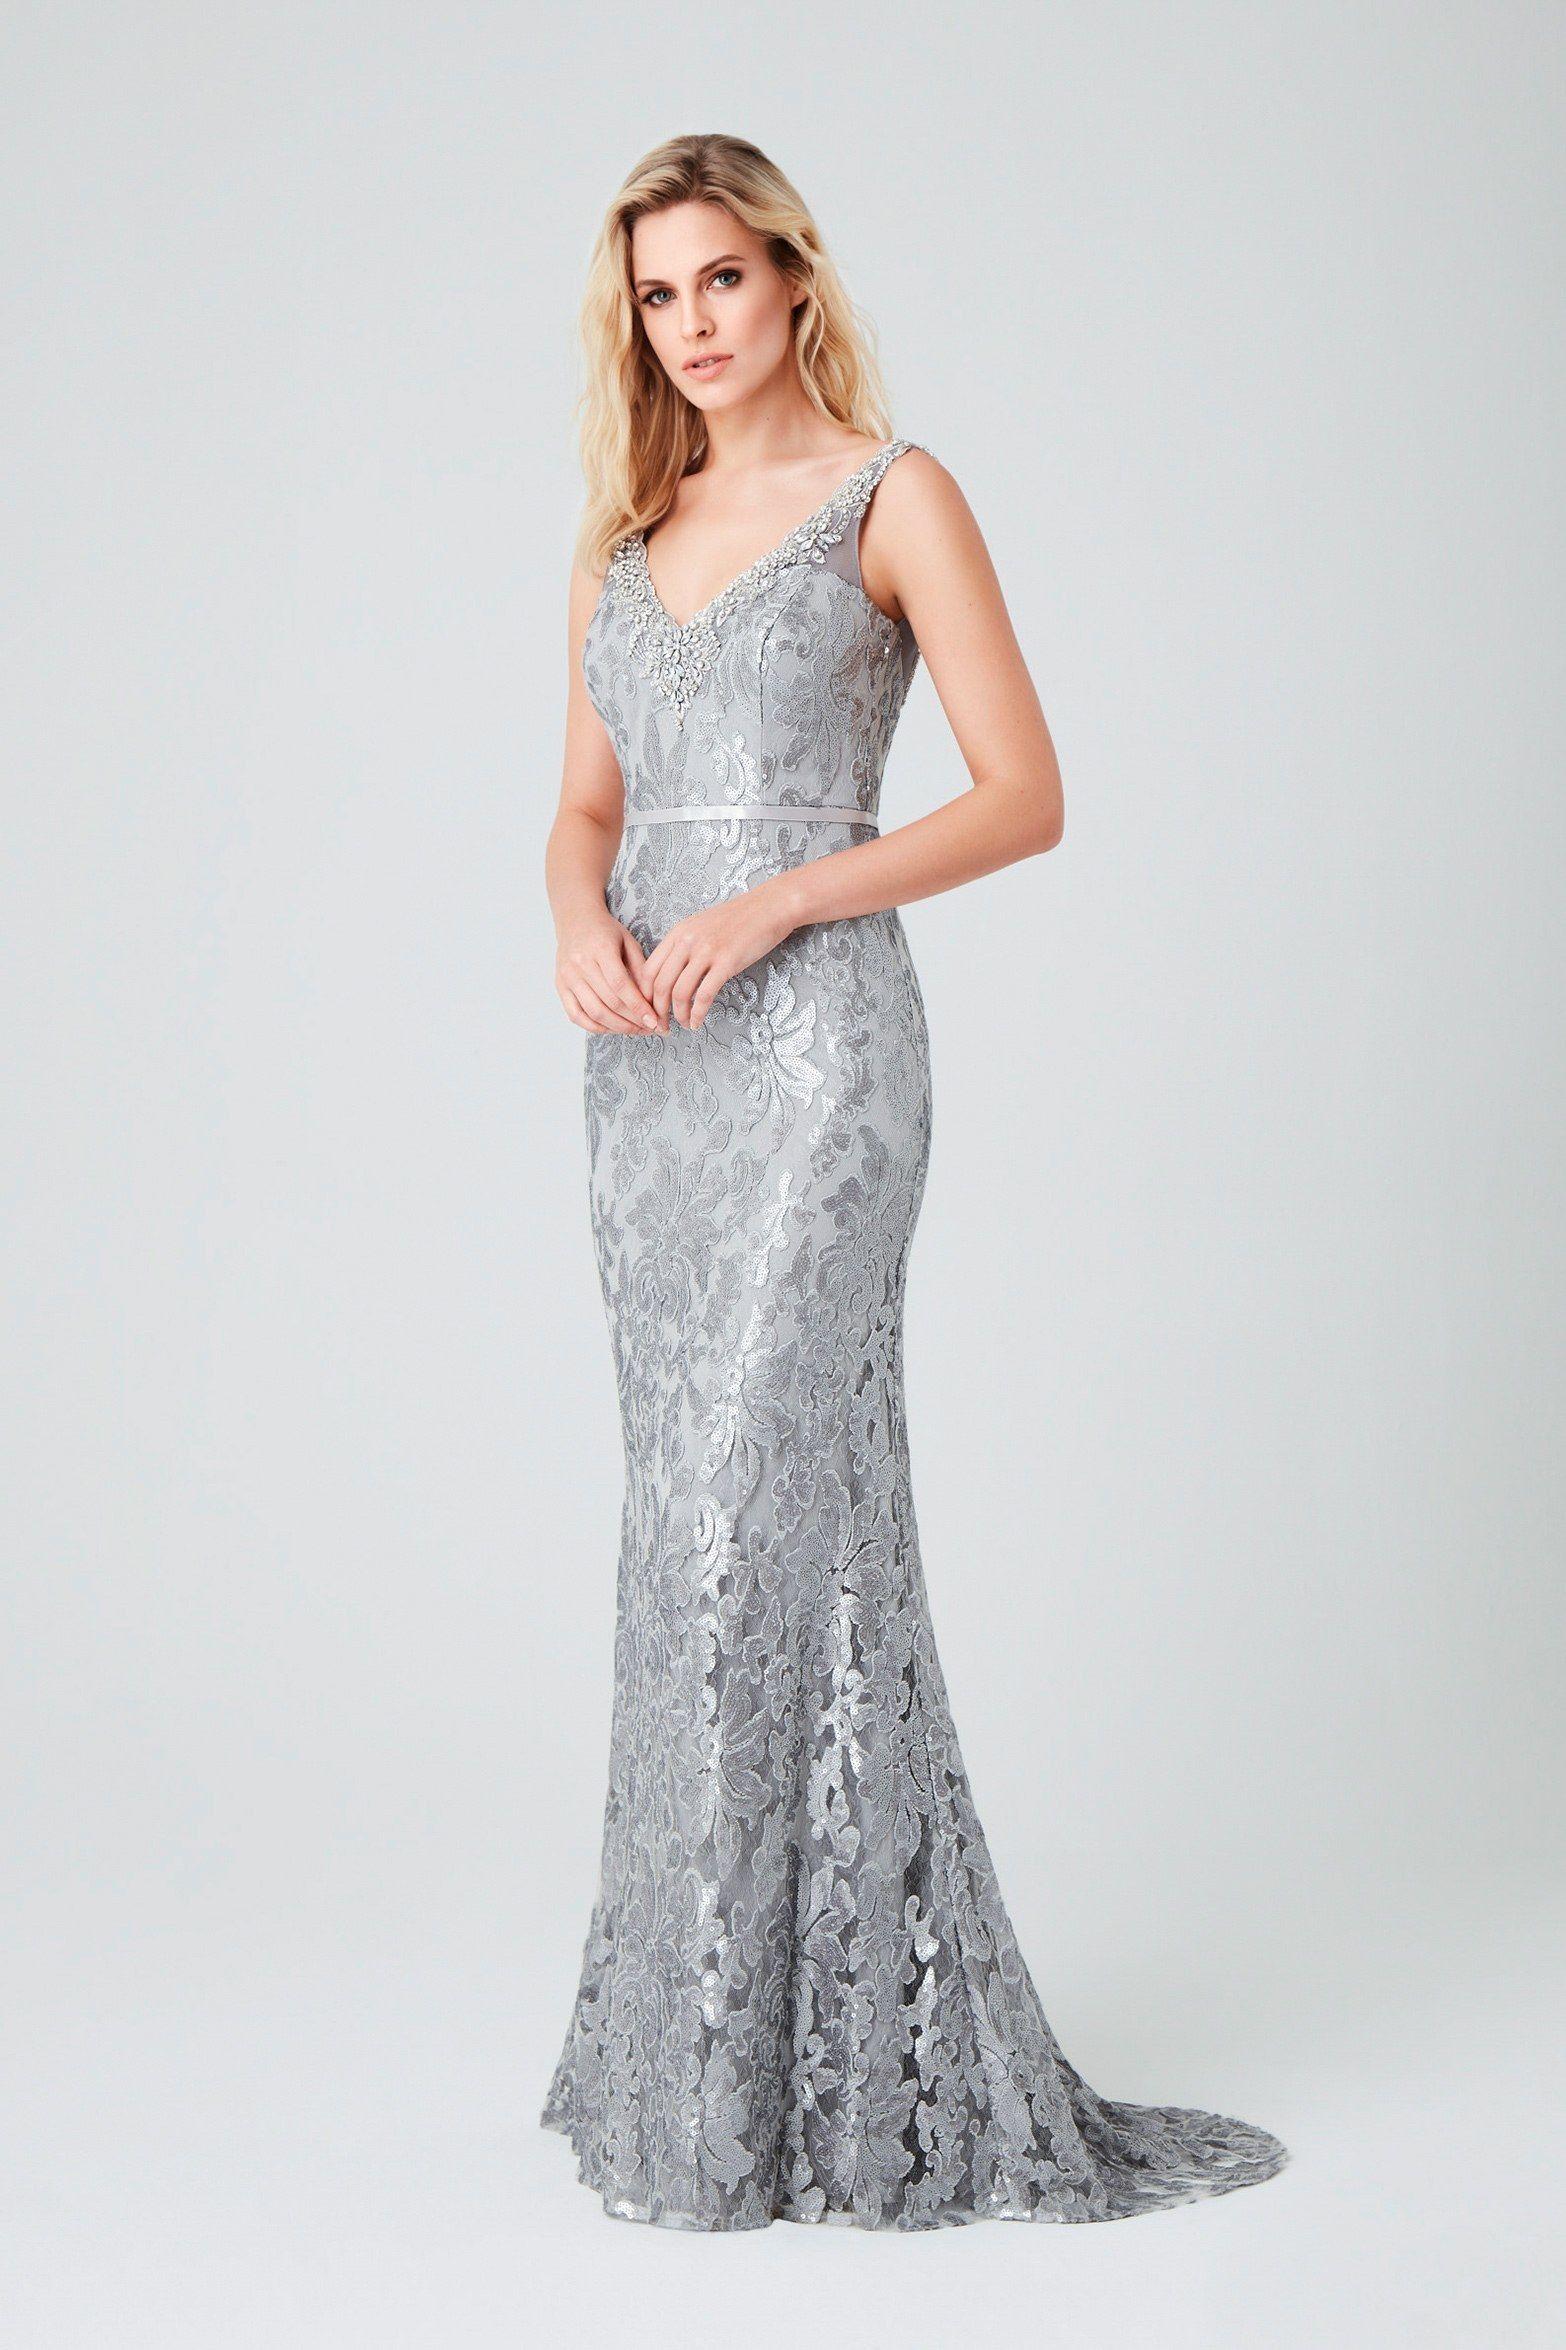 65e09693890 Gri Askılı Payetli Uzun Abiye Elbise Abiye Modelleri 2019 Koleksiyonunu  Keşfedin - Oleg Cassini